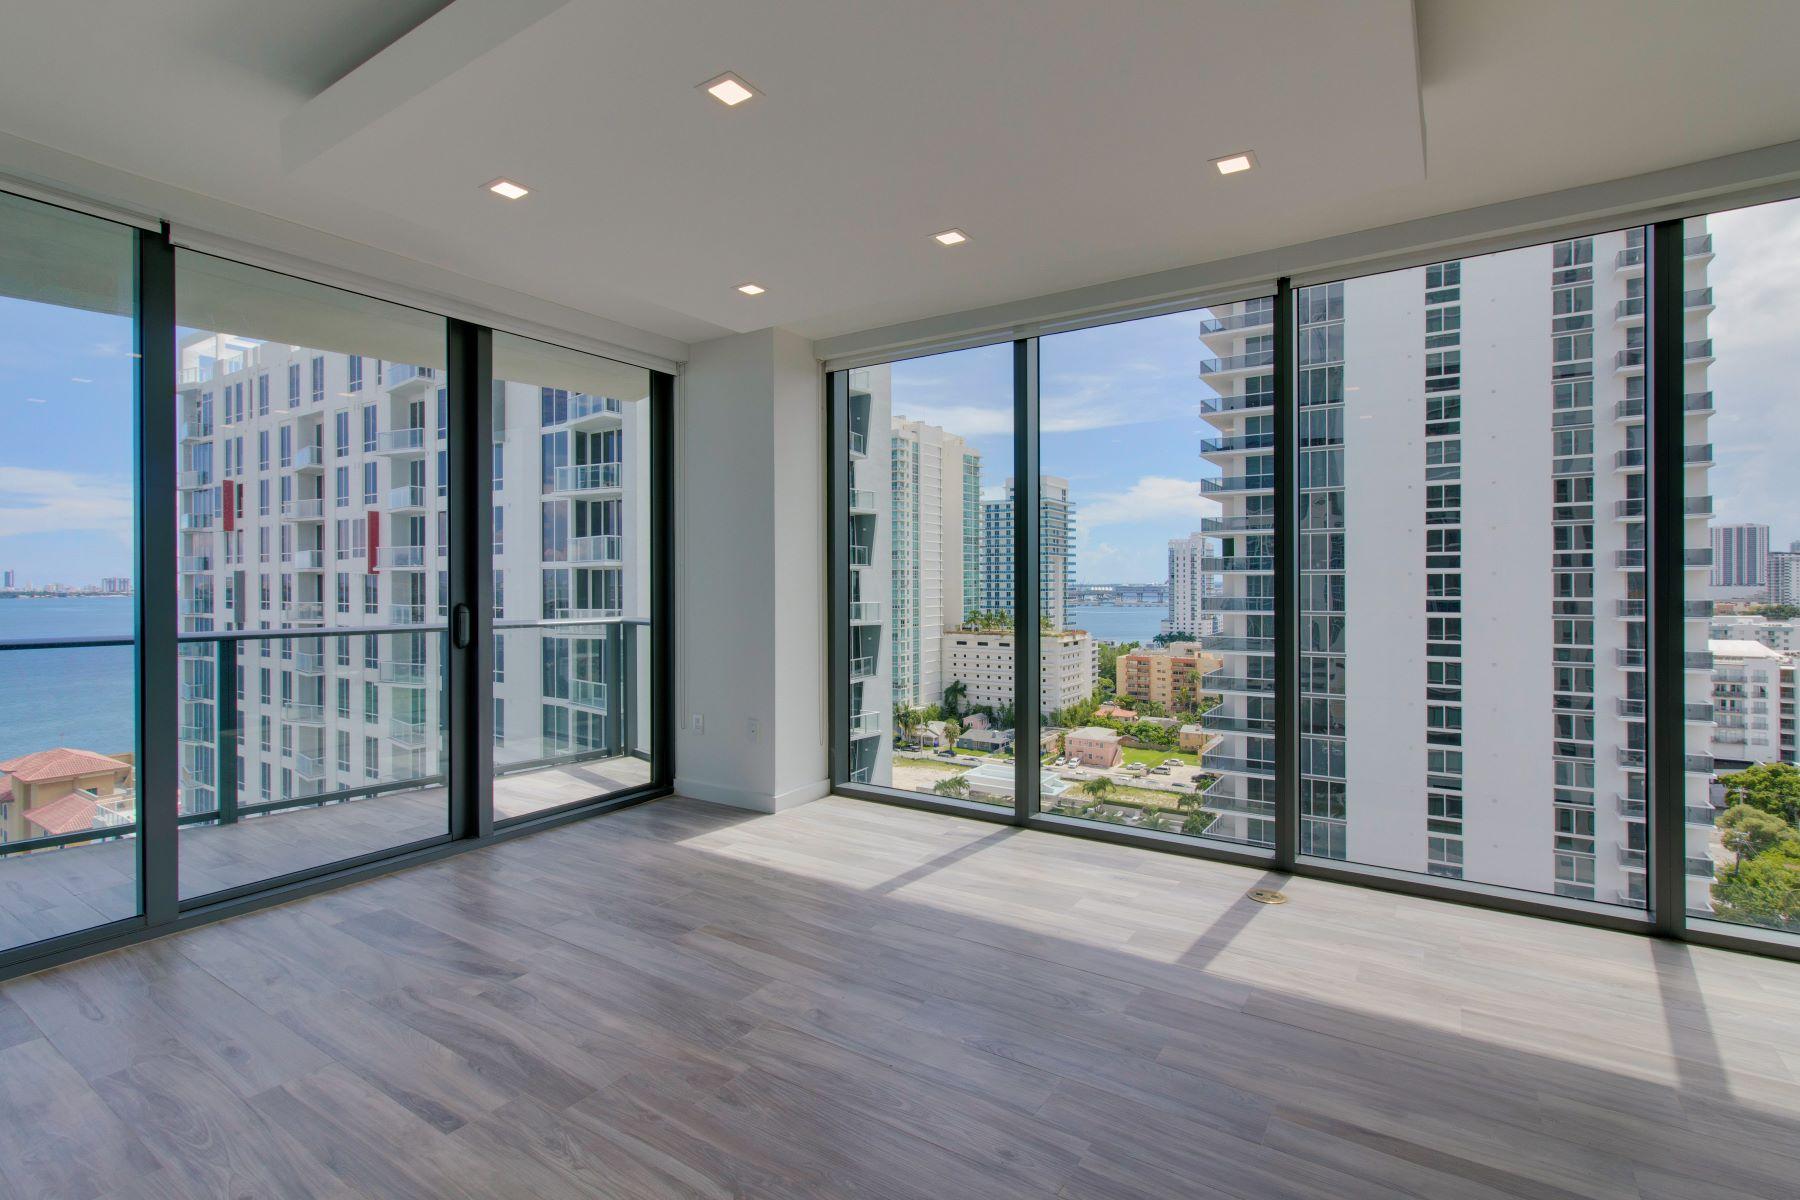 共管式独立产权公寓 为 销售 在 460 Ne 28th St 460 Ne 28th St 1508, 迈阿密, 佛罗里达州, 33137 美国